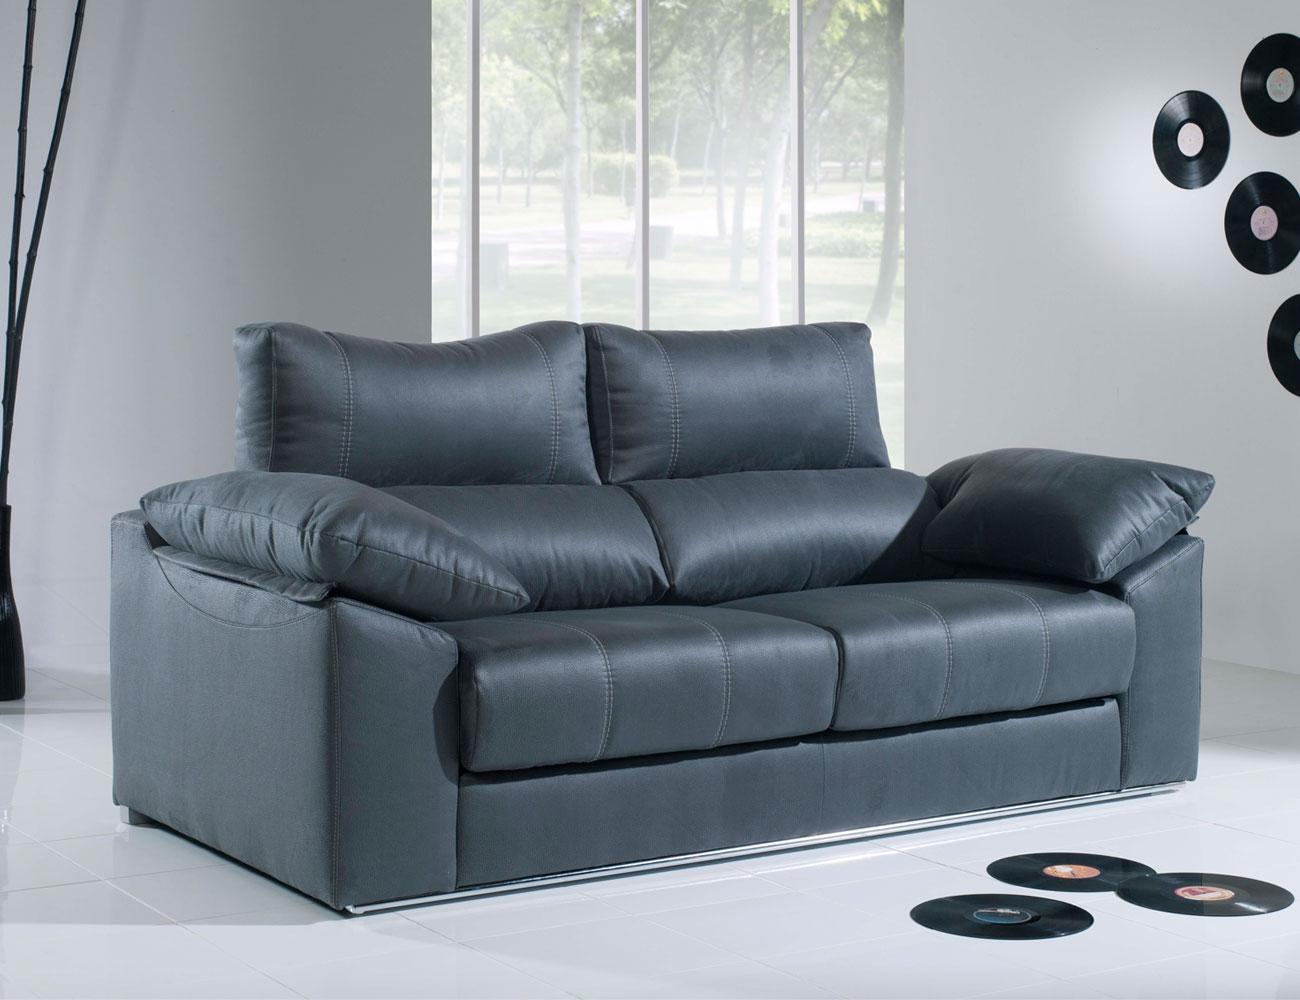 Sofa 3 plazas moderno con barra20